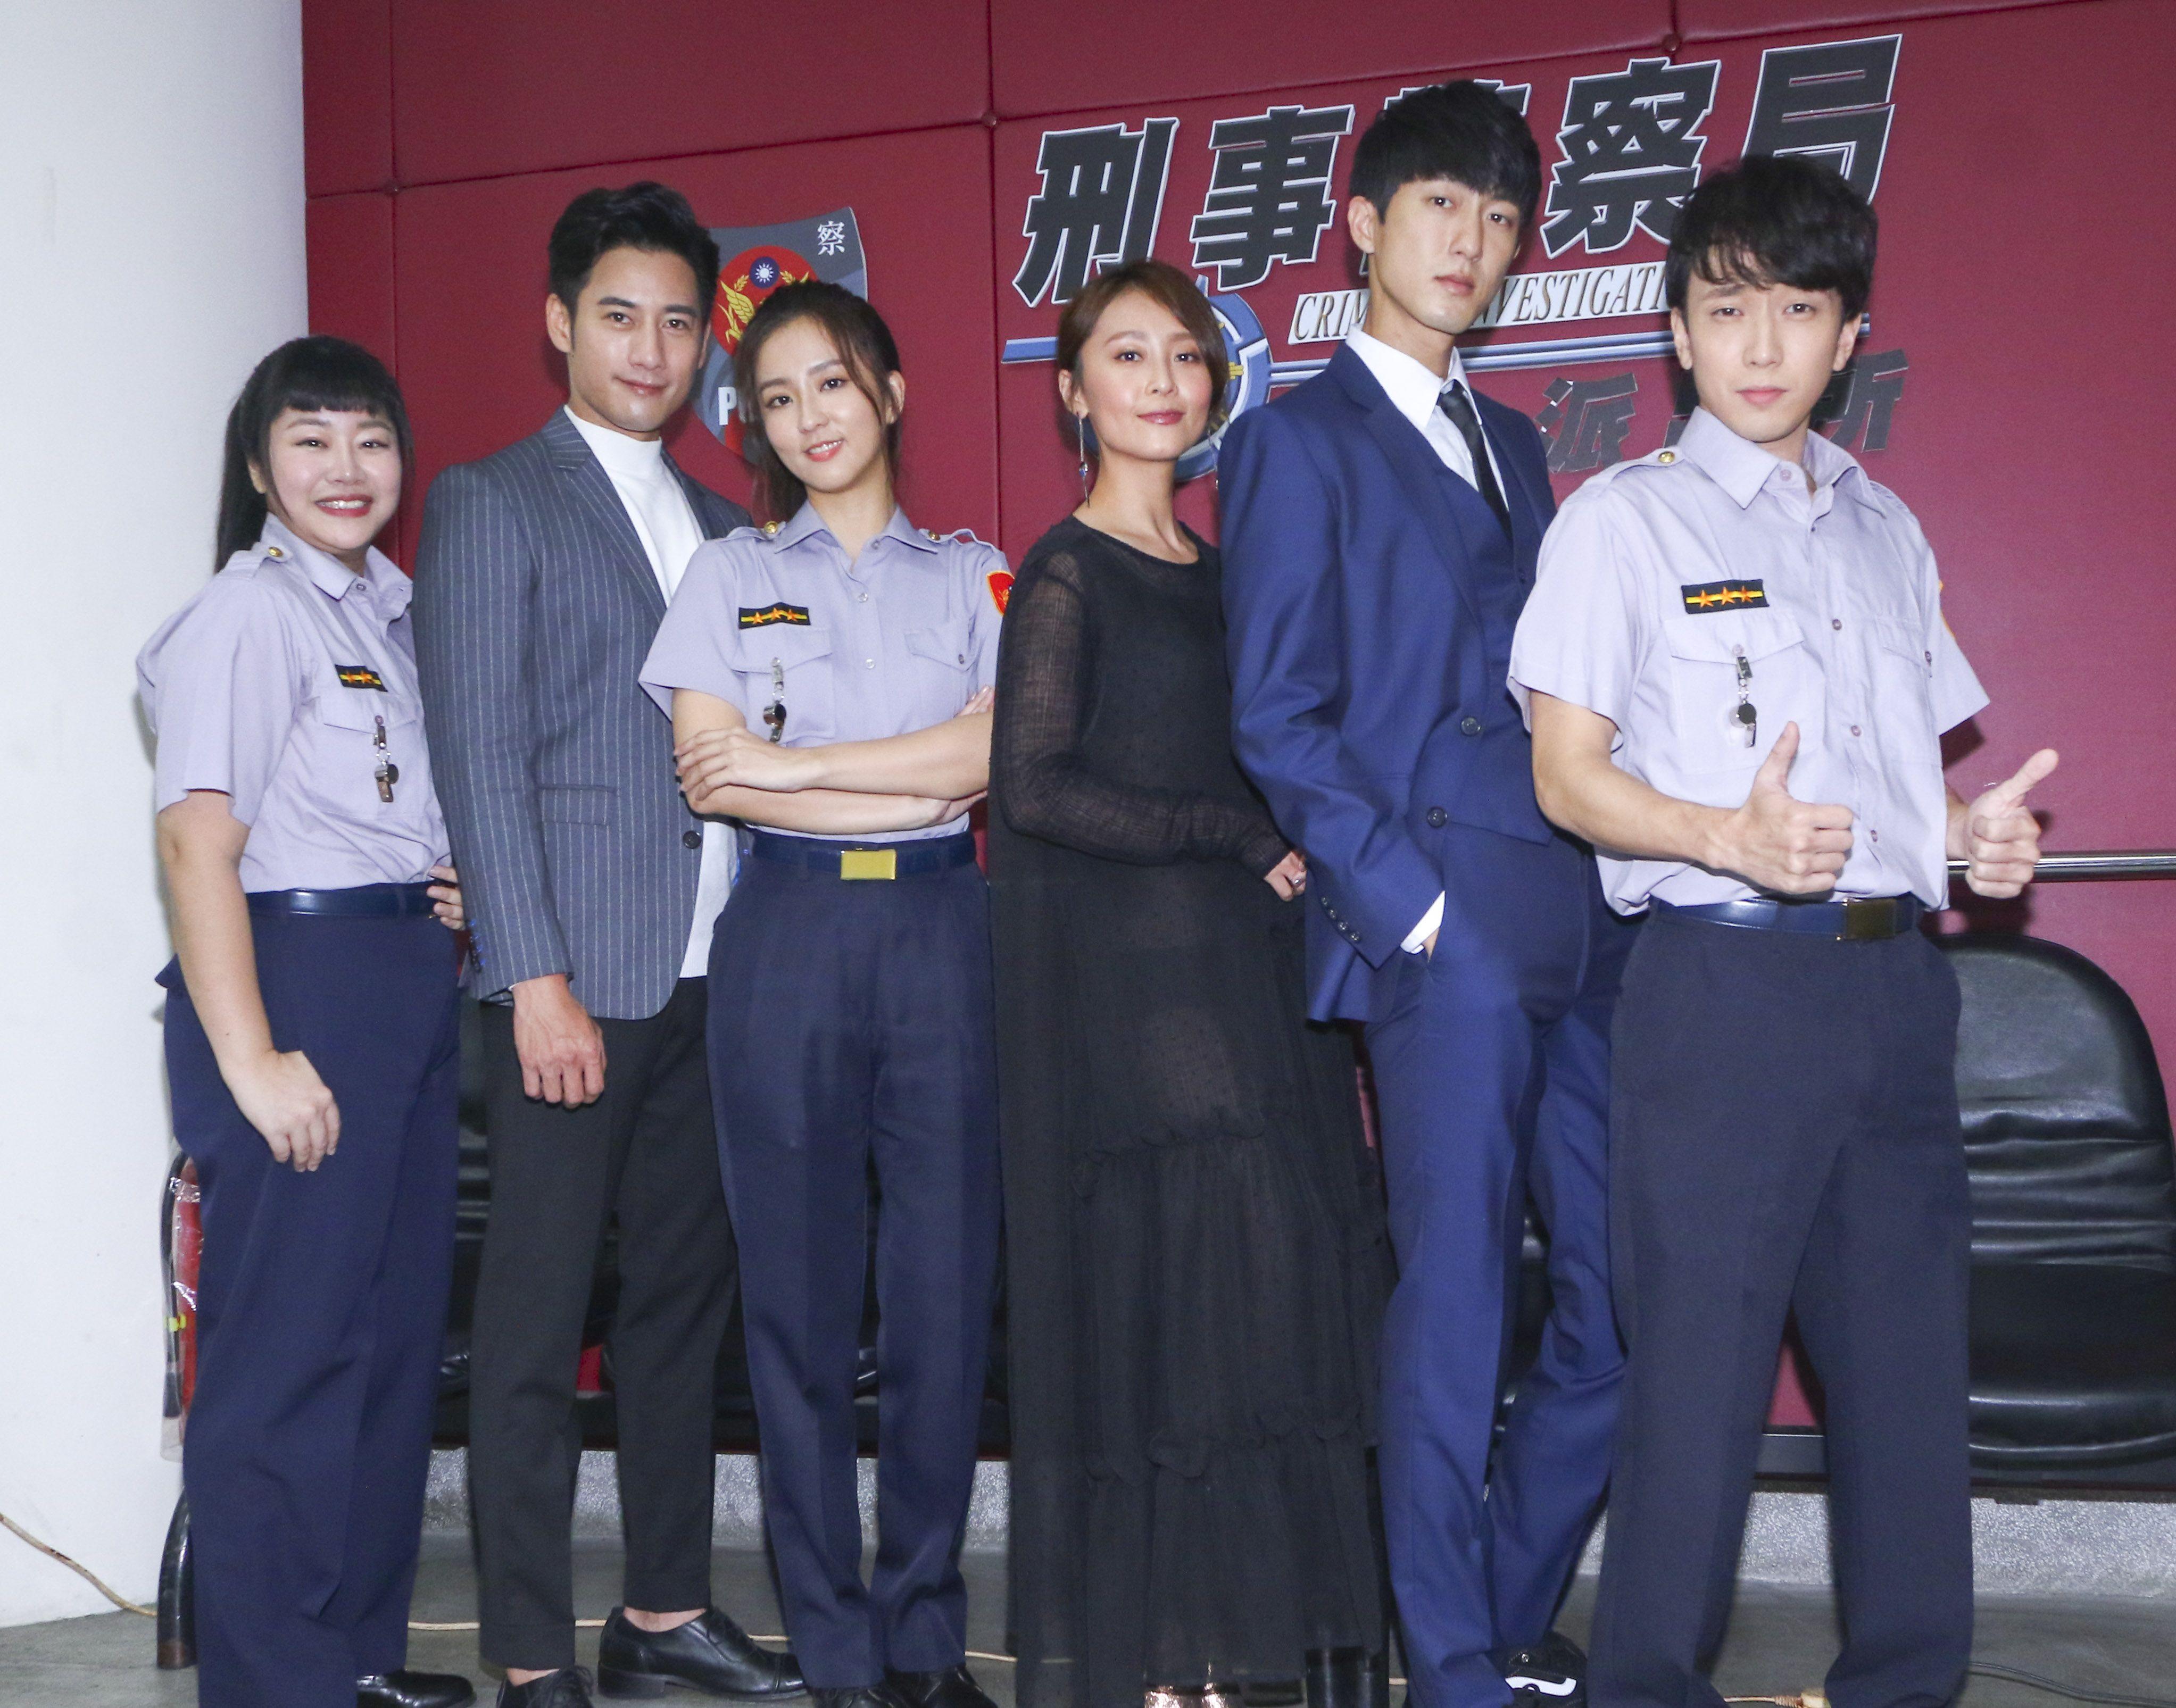 三立新八點華劇「必勝大丈夫」劇中警局片場採訪,全體演員合照。(記者林士傑/攝影)